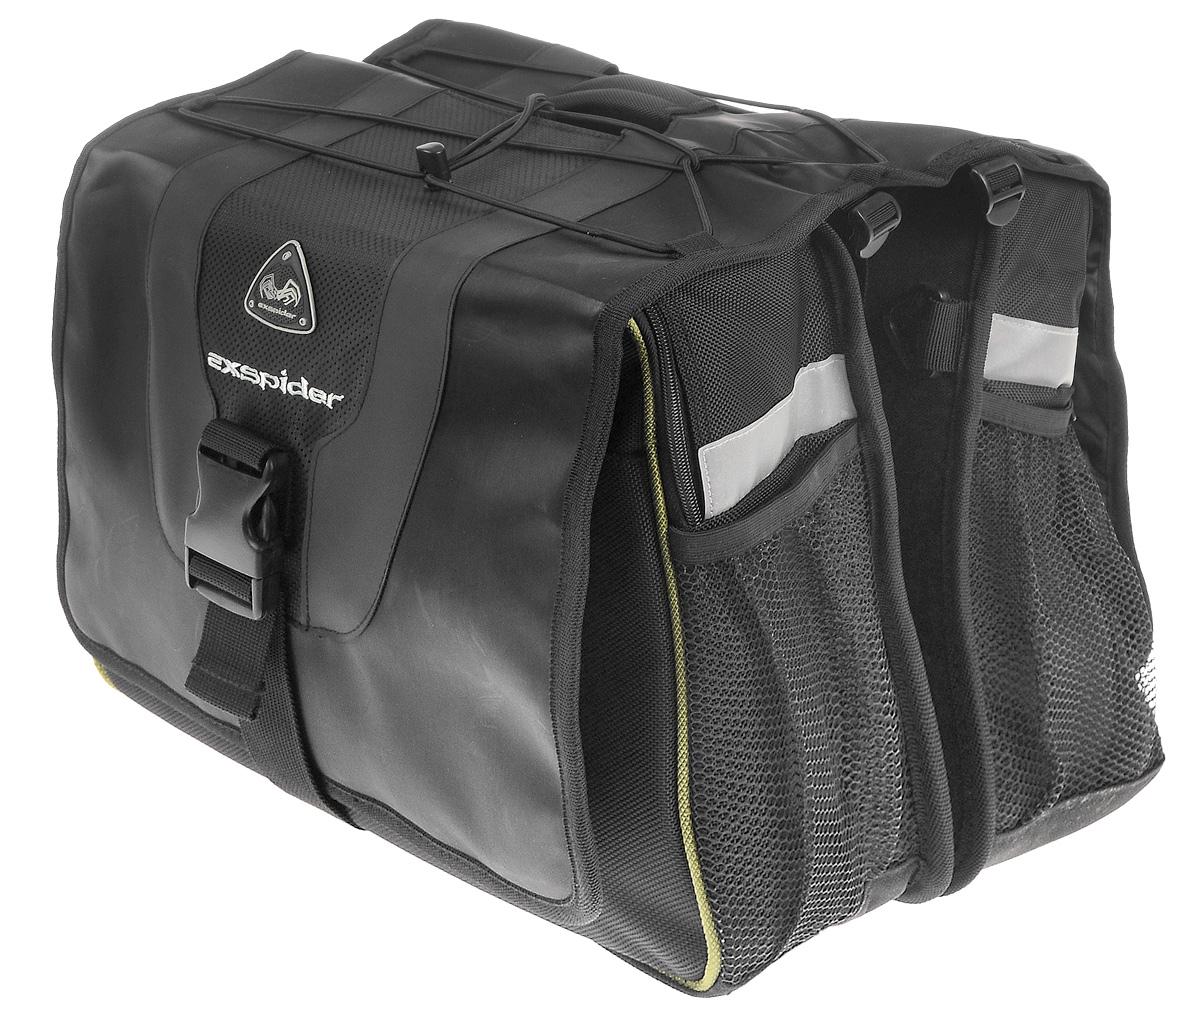 Сумка на багажник велосипеда EXspider, двойная, 36 х 33 х 23 смZ90 blackУниверсальная сумка EXspider крепится на багажник, можно носить ее в руках или на плече. Изделие имеет два больших отделения с внешними карманами. Отделения закрываются на клапан с помощью застежки-молнии и липучки. Также внутри каждого отделения расположен карман на резинке. Подкладка из вспененного полиэтилена предохраняет содержимое от повреждений. Эластичный шнур позволяет закрепить другую небольшую сумку, палатку, спальный мешок, шлем и многое другое. В комплект входит водоотталкивающий чехол от дождя из нейлона и плечевой регулируемый ремень. Внешние сетчатые карманы с каждой из четырех сторон предназначены для небольших вещей. Светоотражающие вставки служат для лучшей заметности в темное время суток. Сумка крепится на багажник с помощью двух шнуров с крючками.